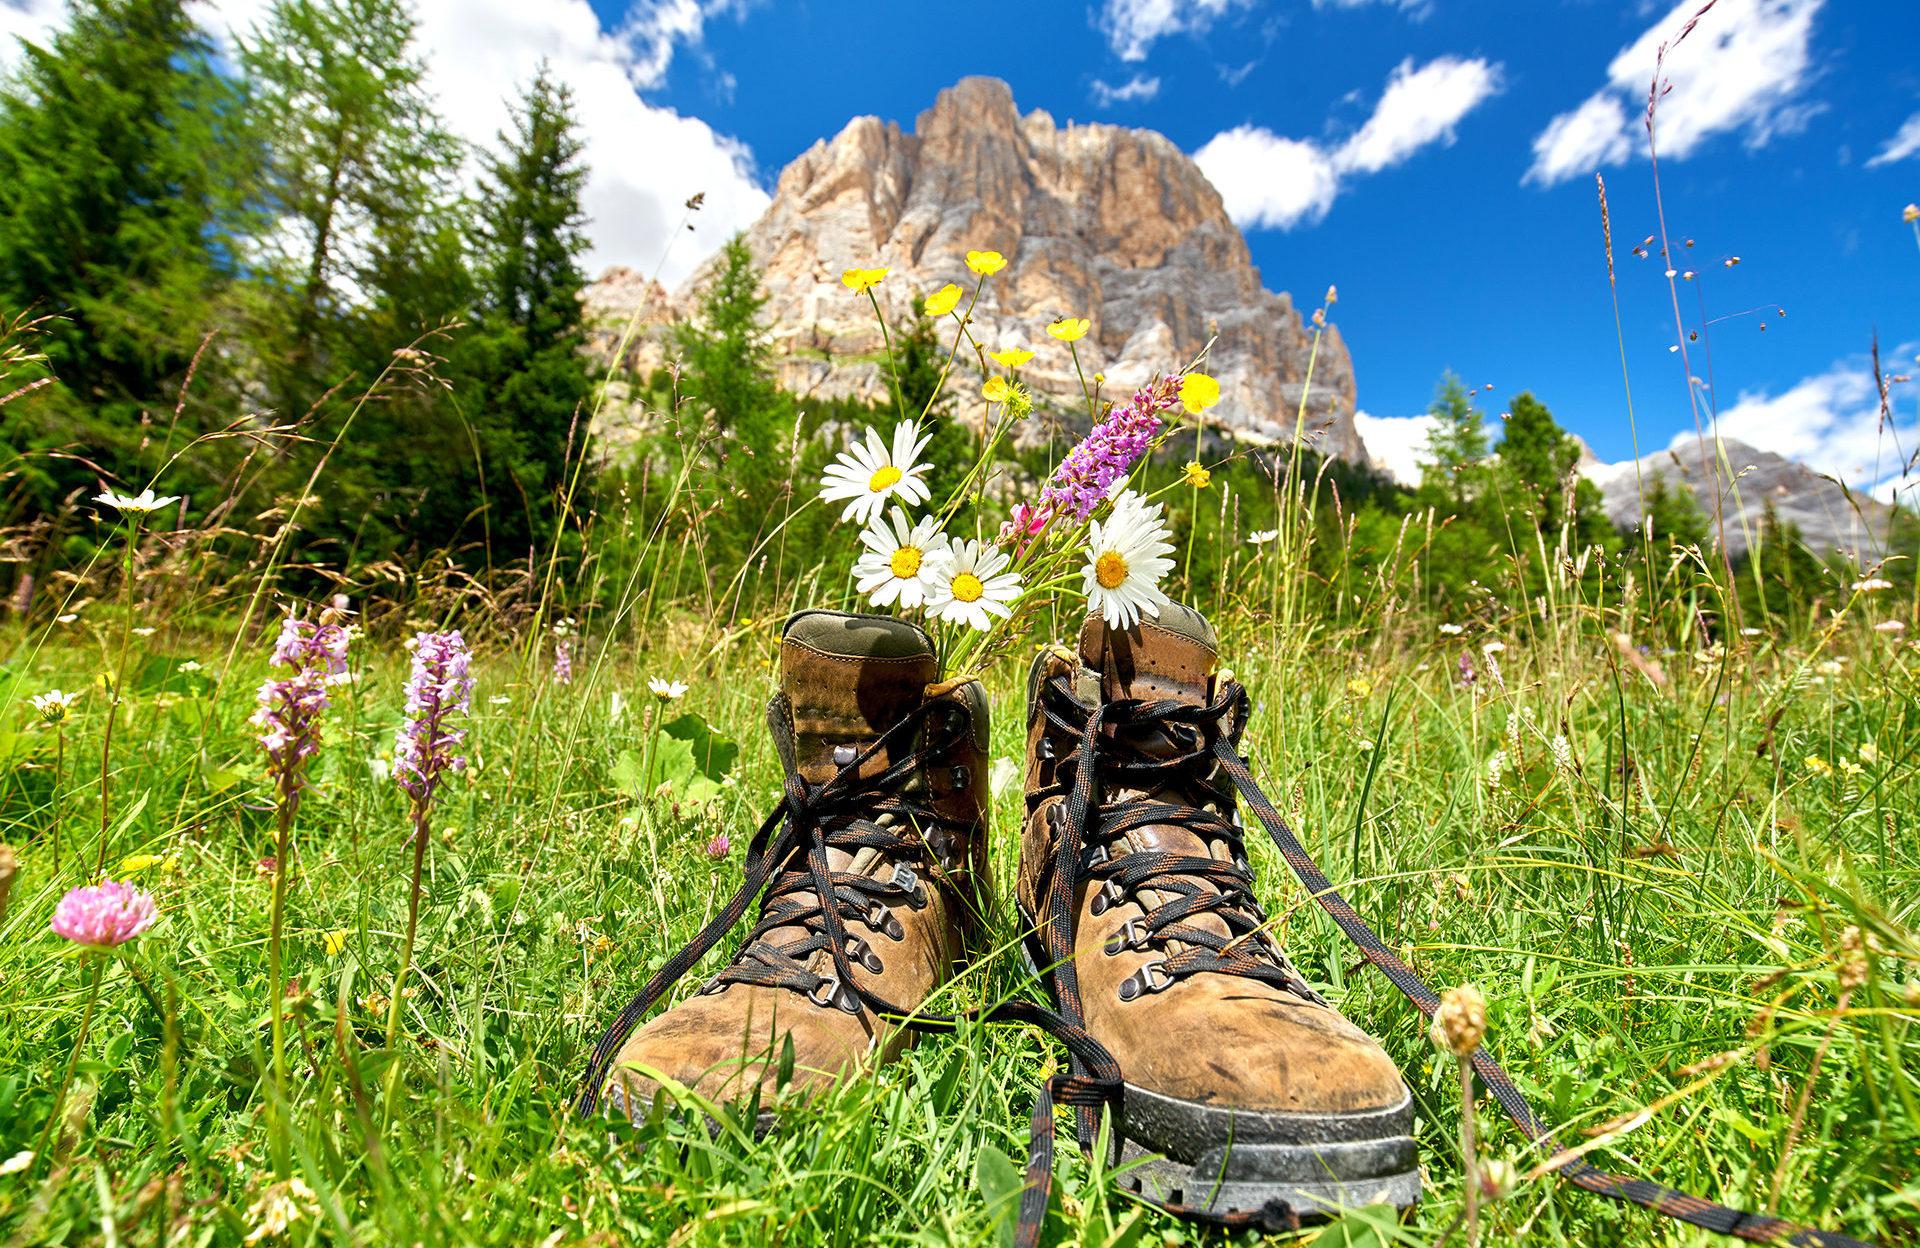 Pause bei der Bergwanderung, Wanderstiefel mit Blumen